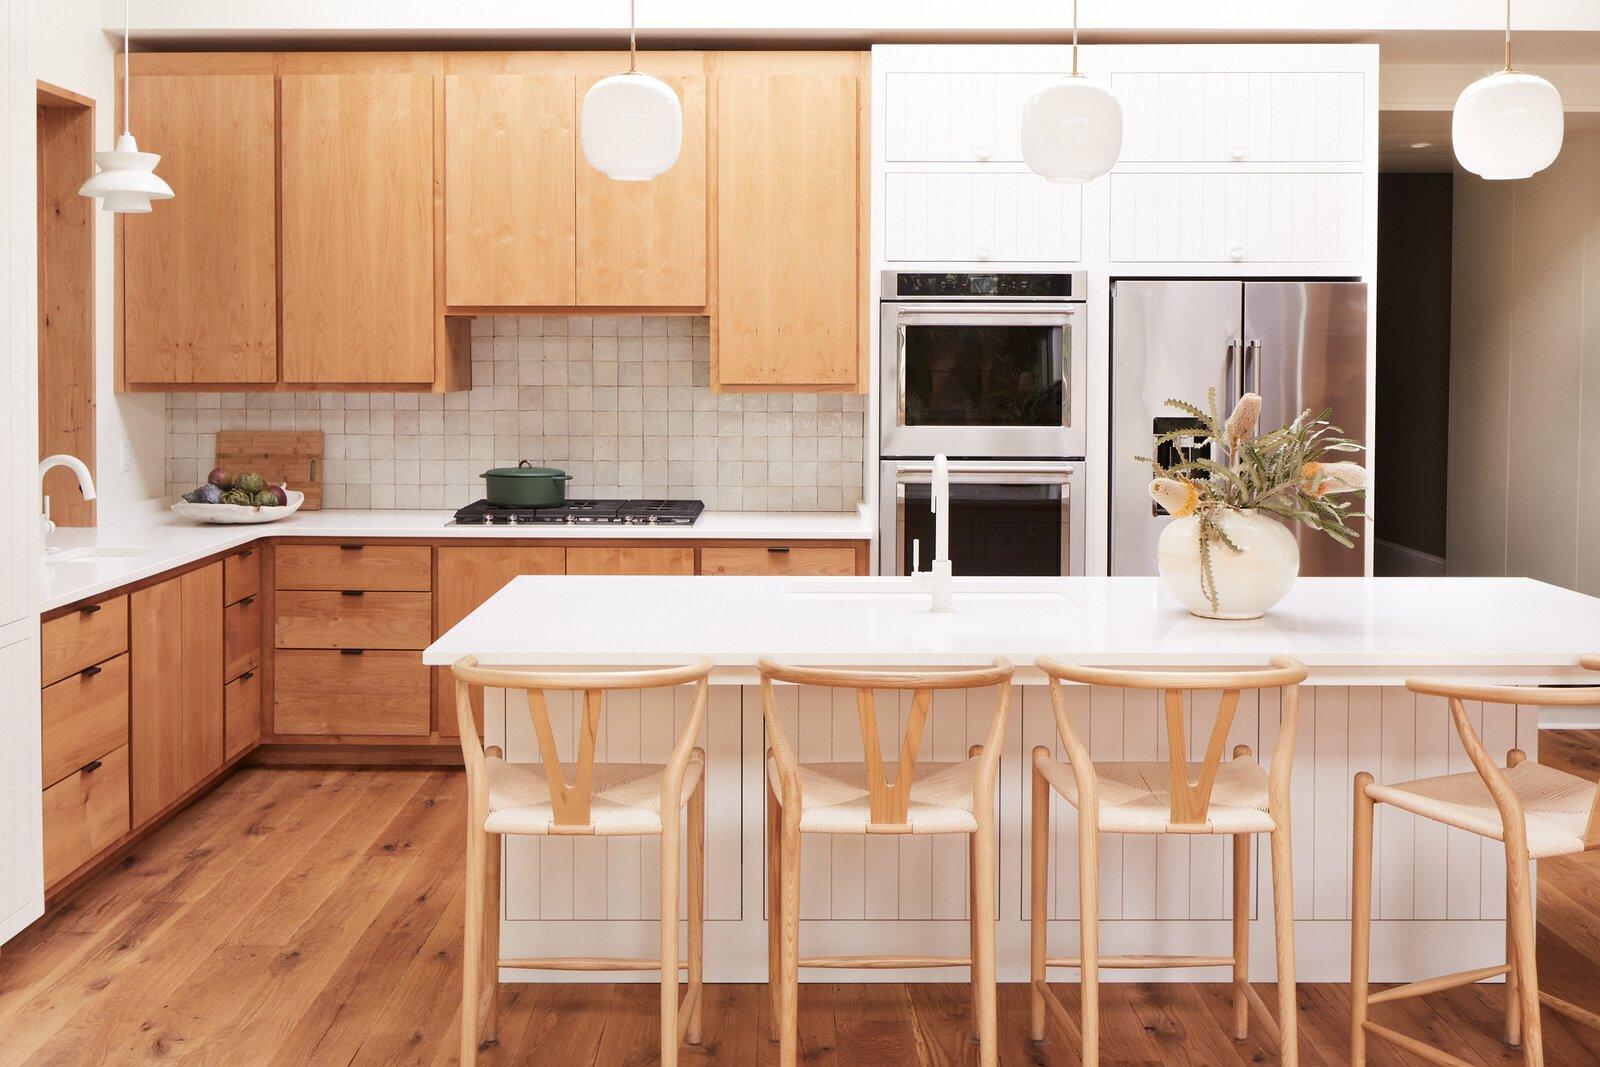 Dean Works Architecture and Design Nashville extension kitchen